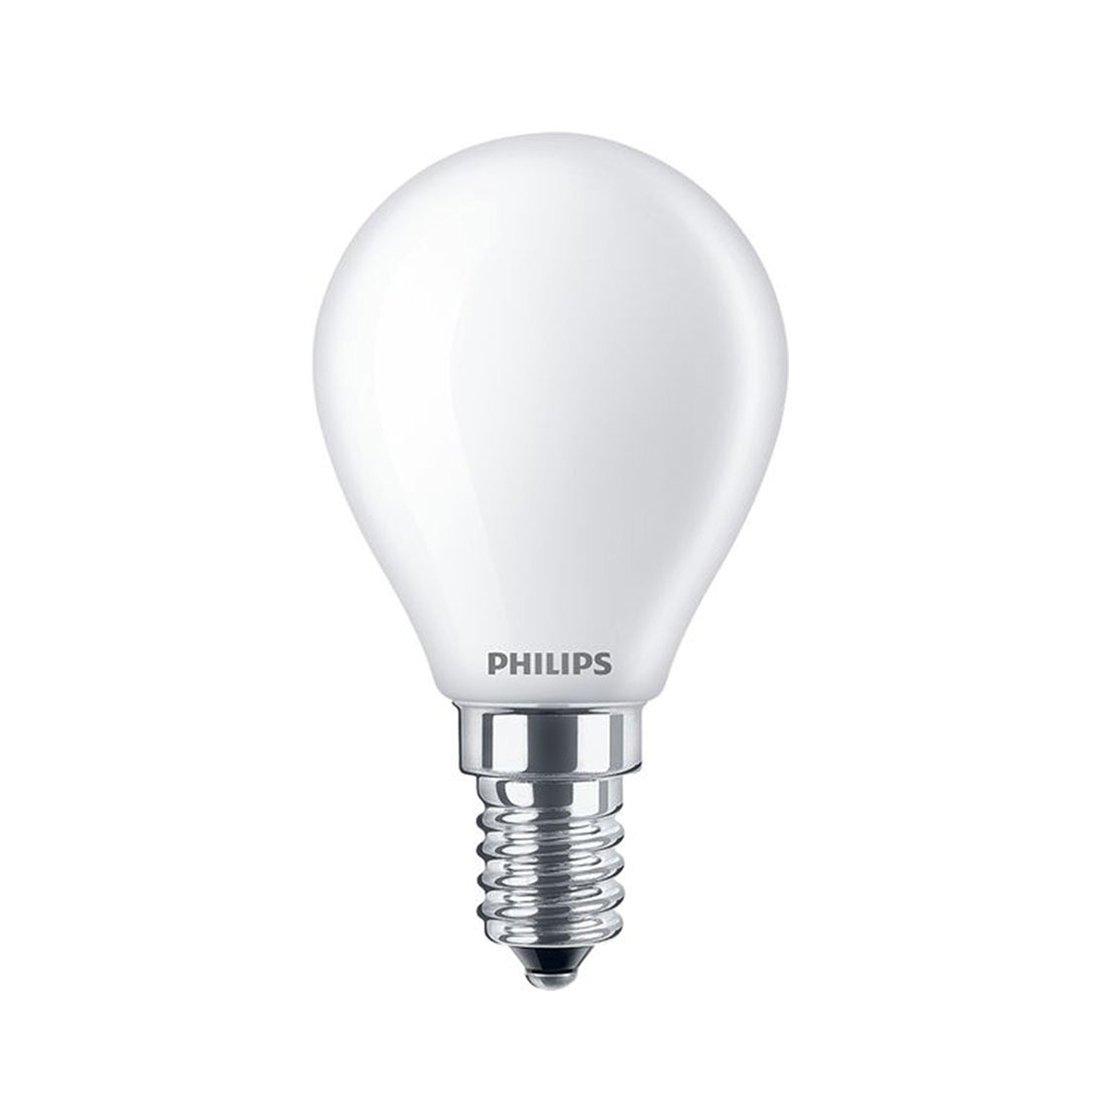 Philips LED E14 4.3W